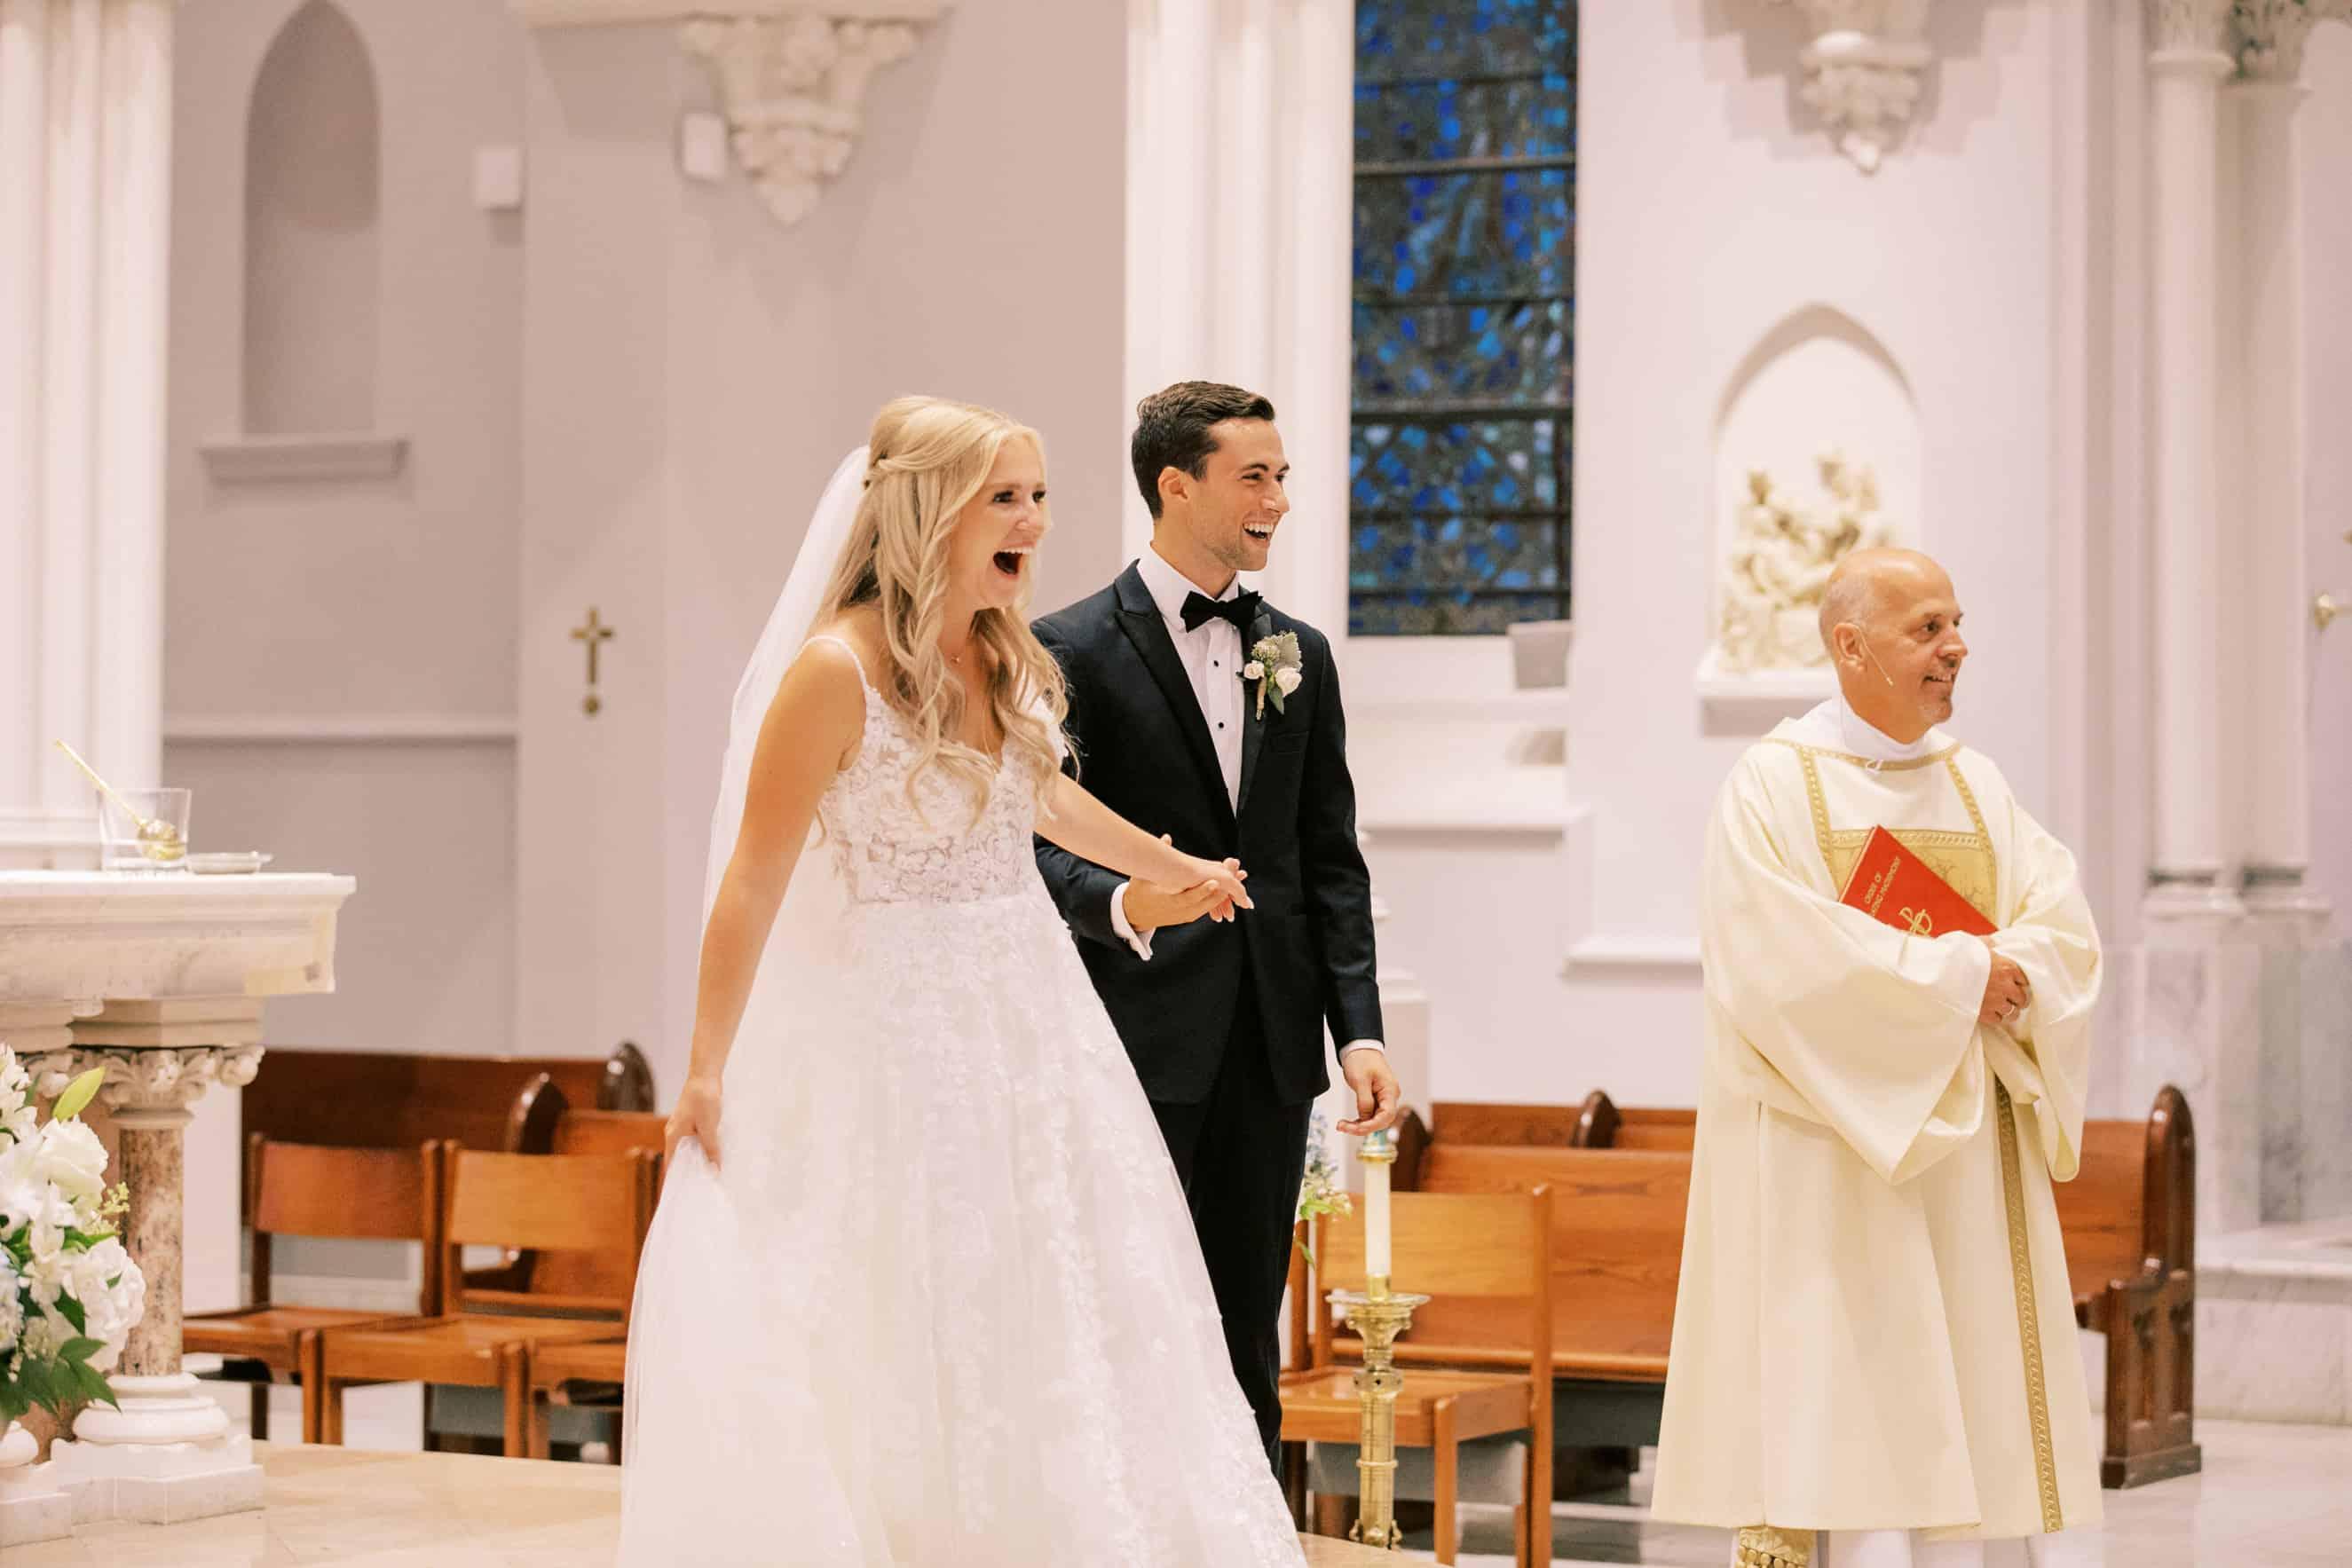 Villanova Wedding Location